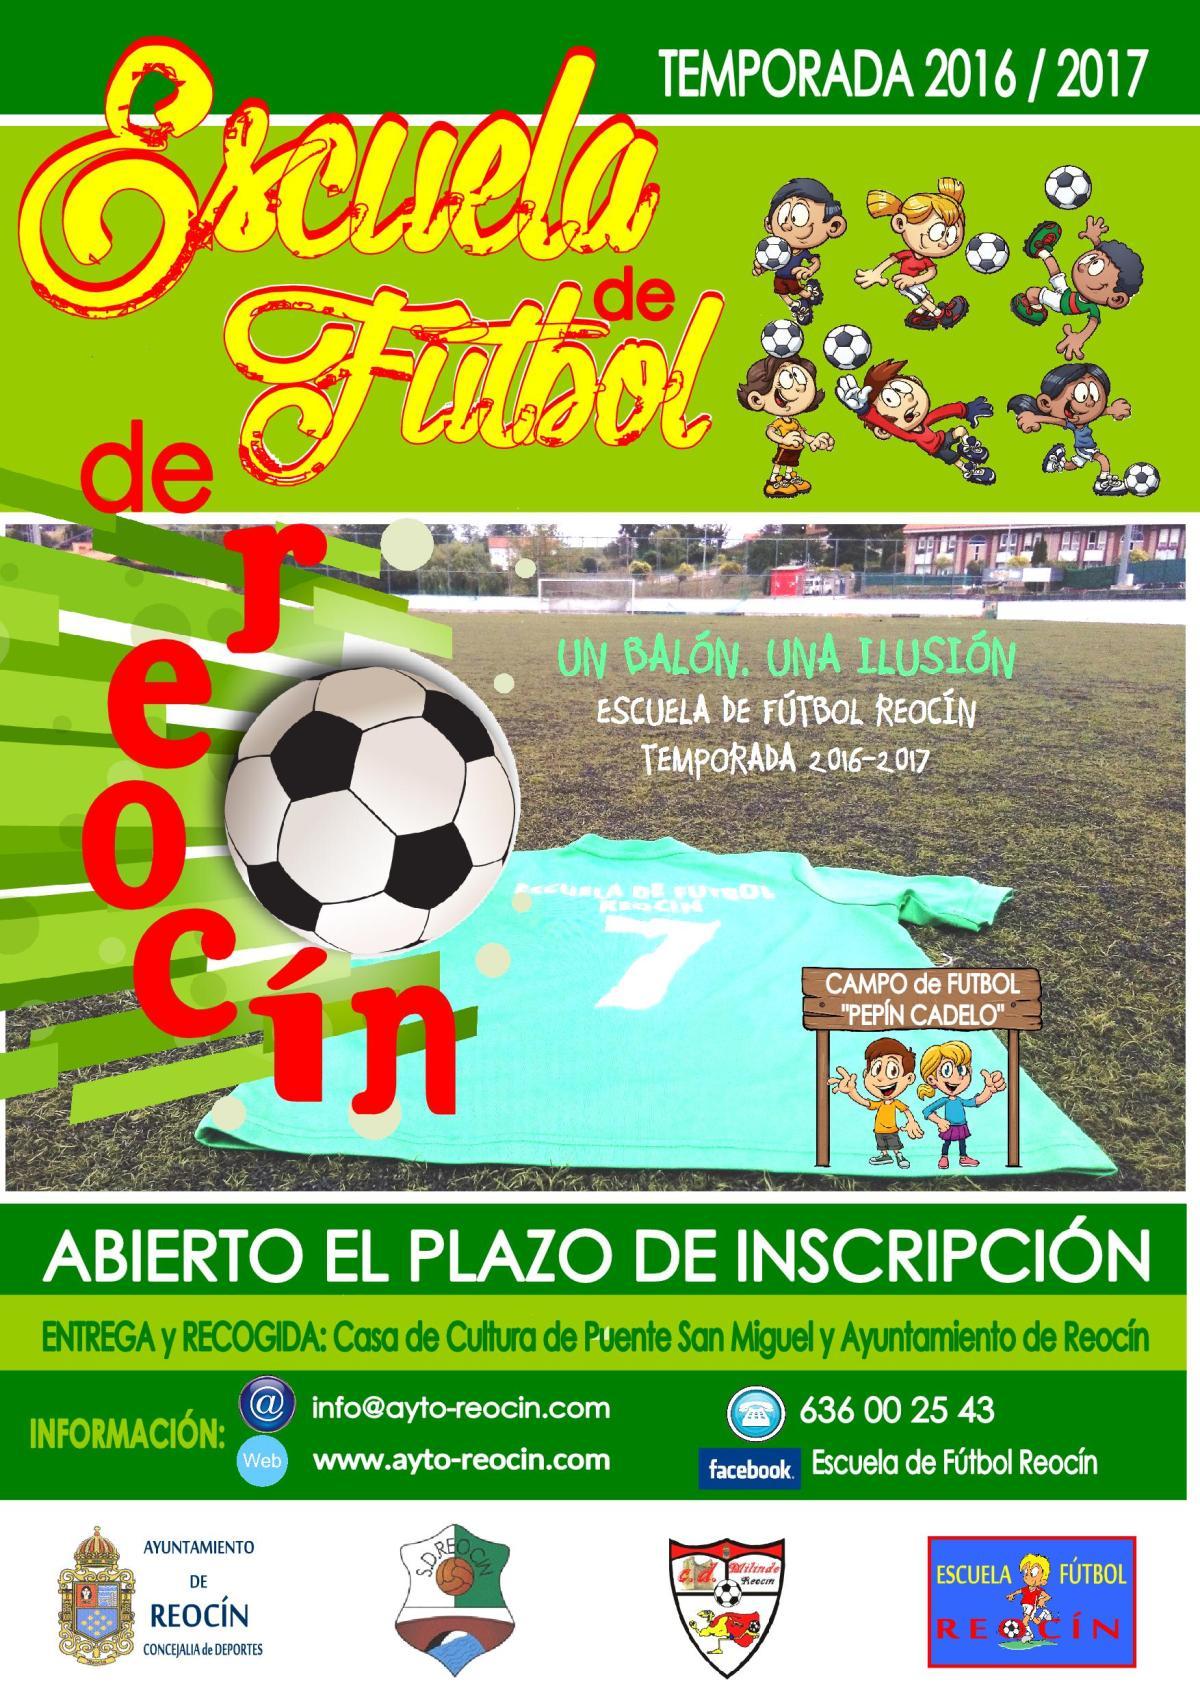 cartel de escuela de futbol 2016